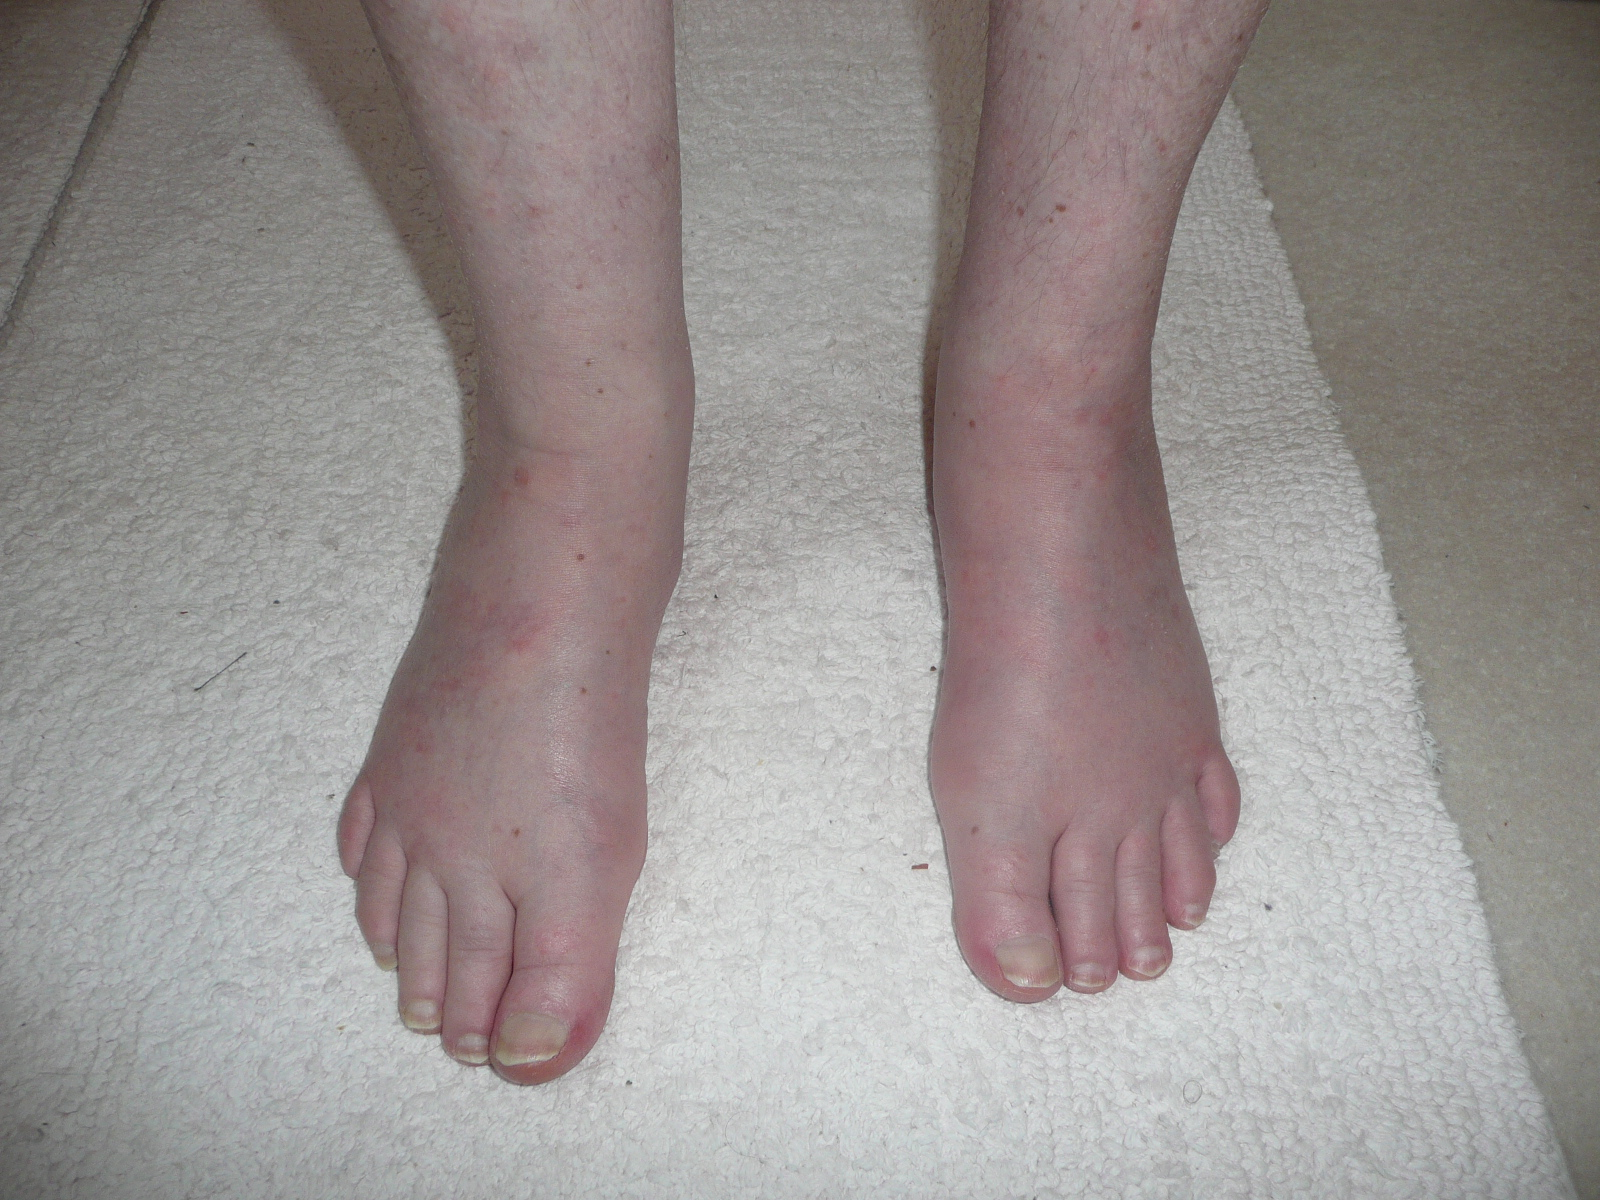 Feet less swollen